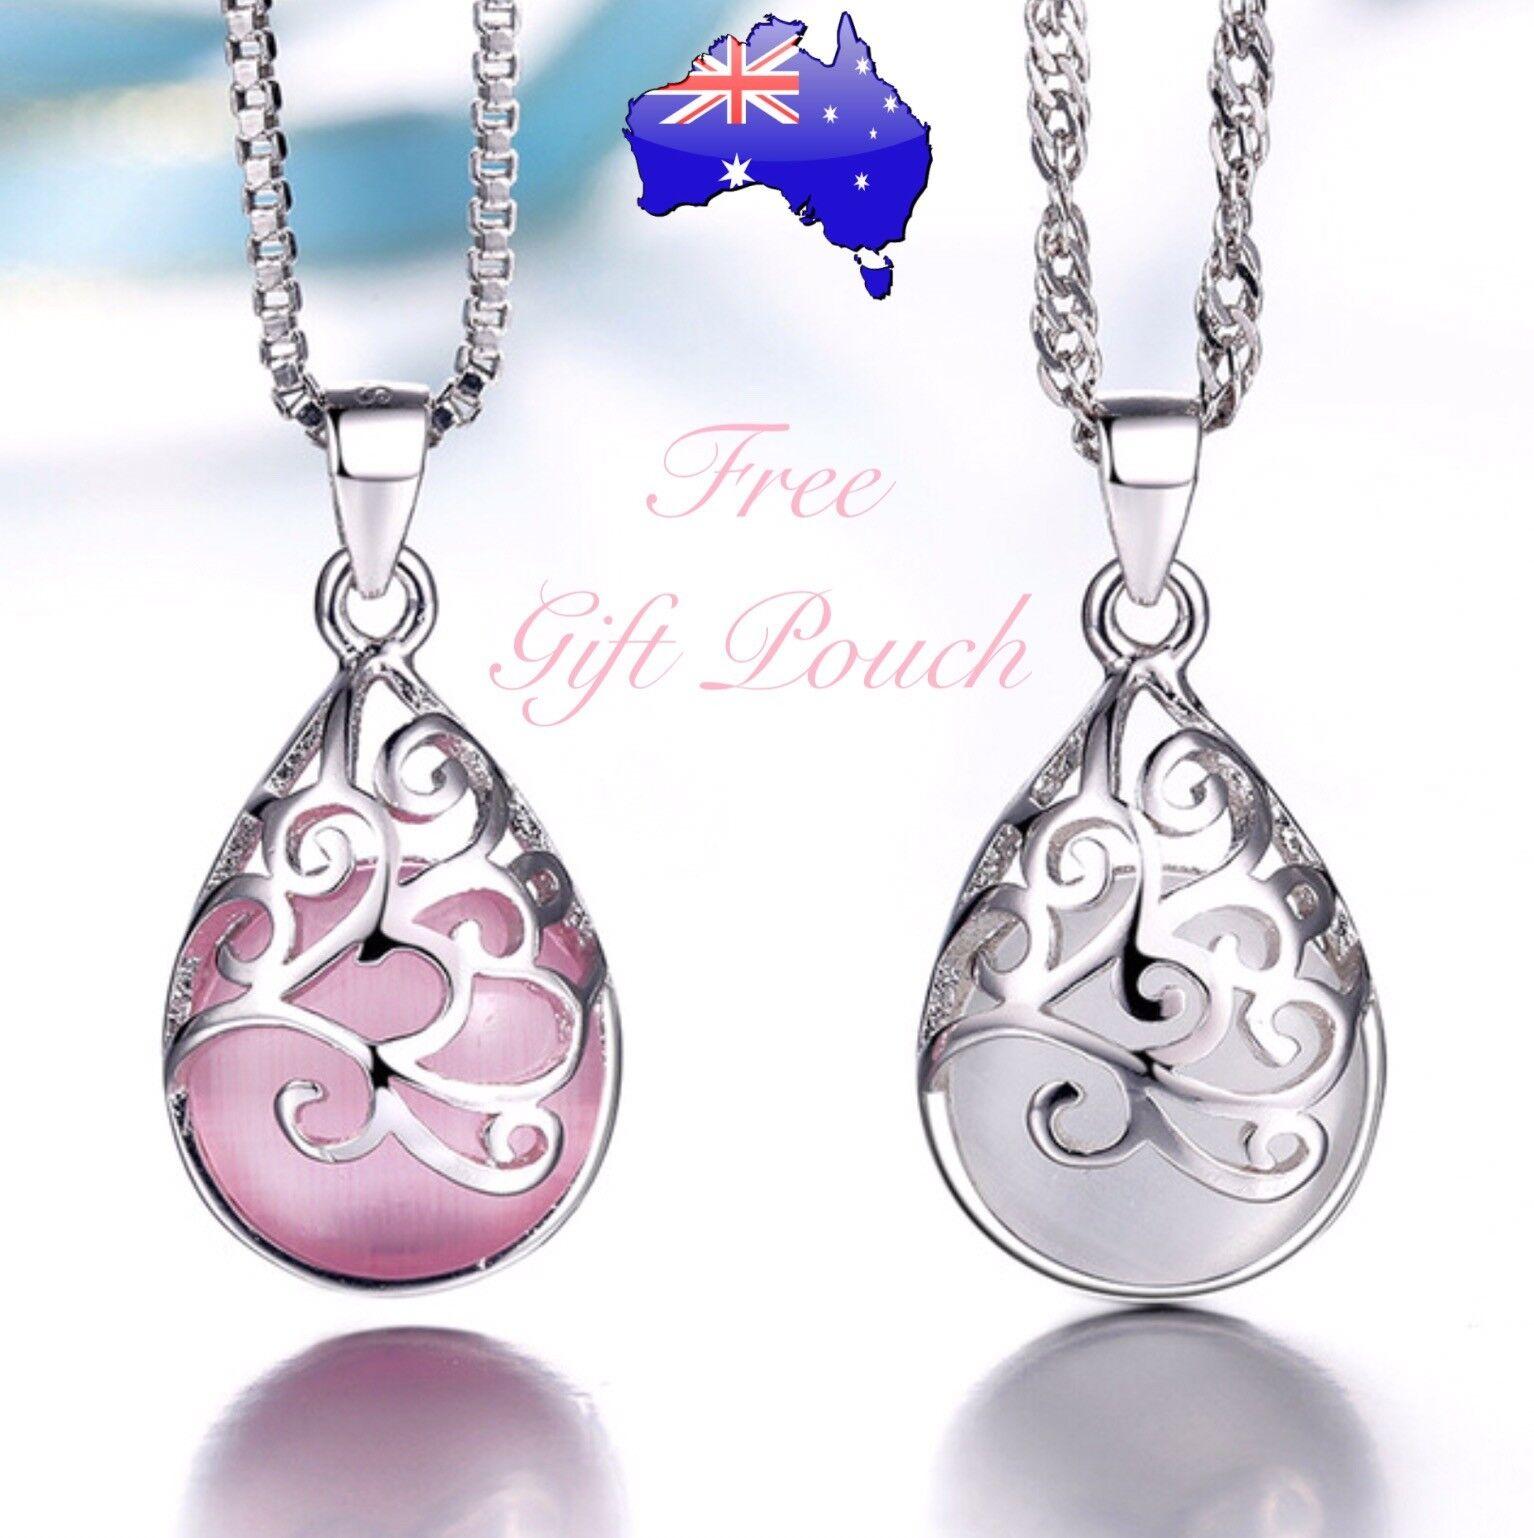 Jewellery - 925 Sterling Silver Opal Moonstone Teardrop Water Drop Pendant Necklace Gift New